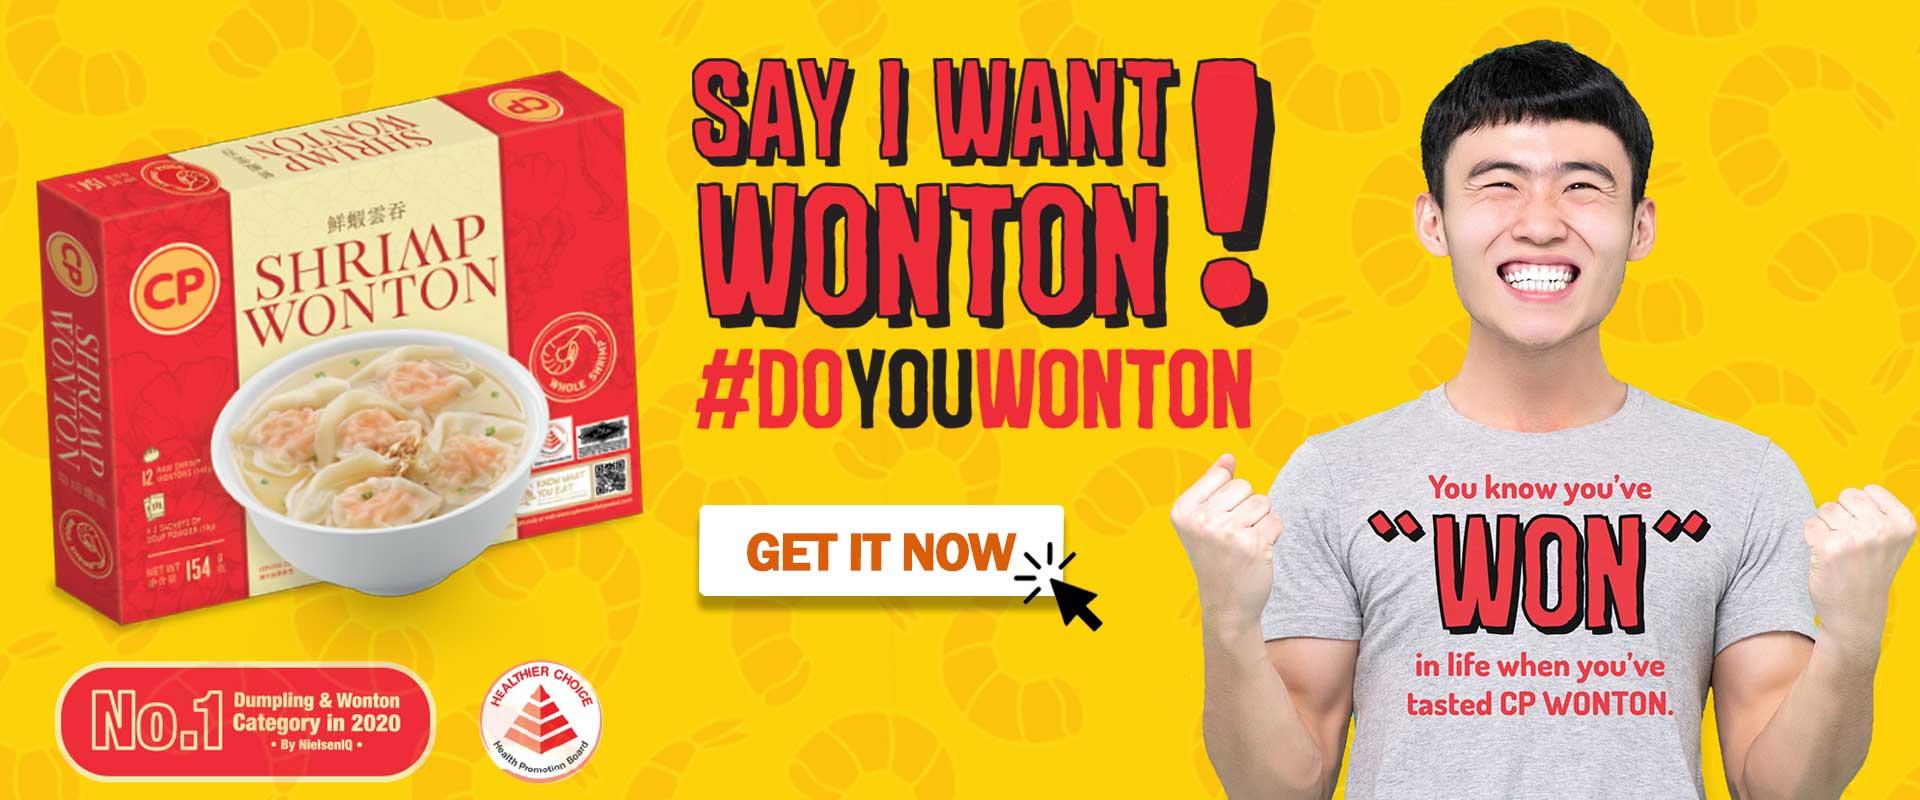 DOYOUWONTON